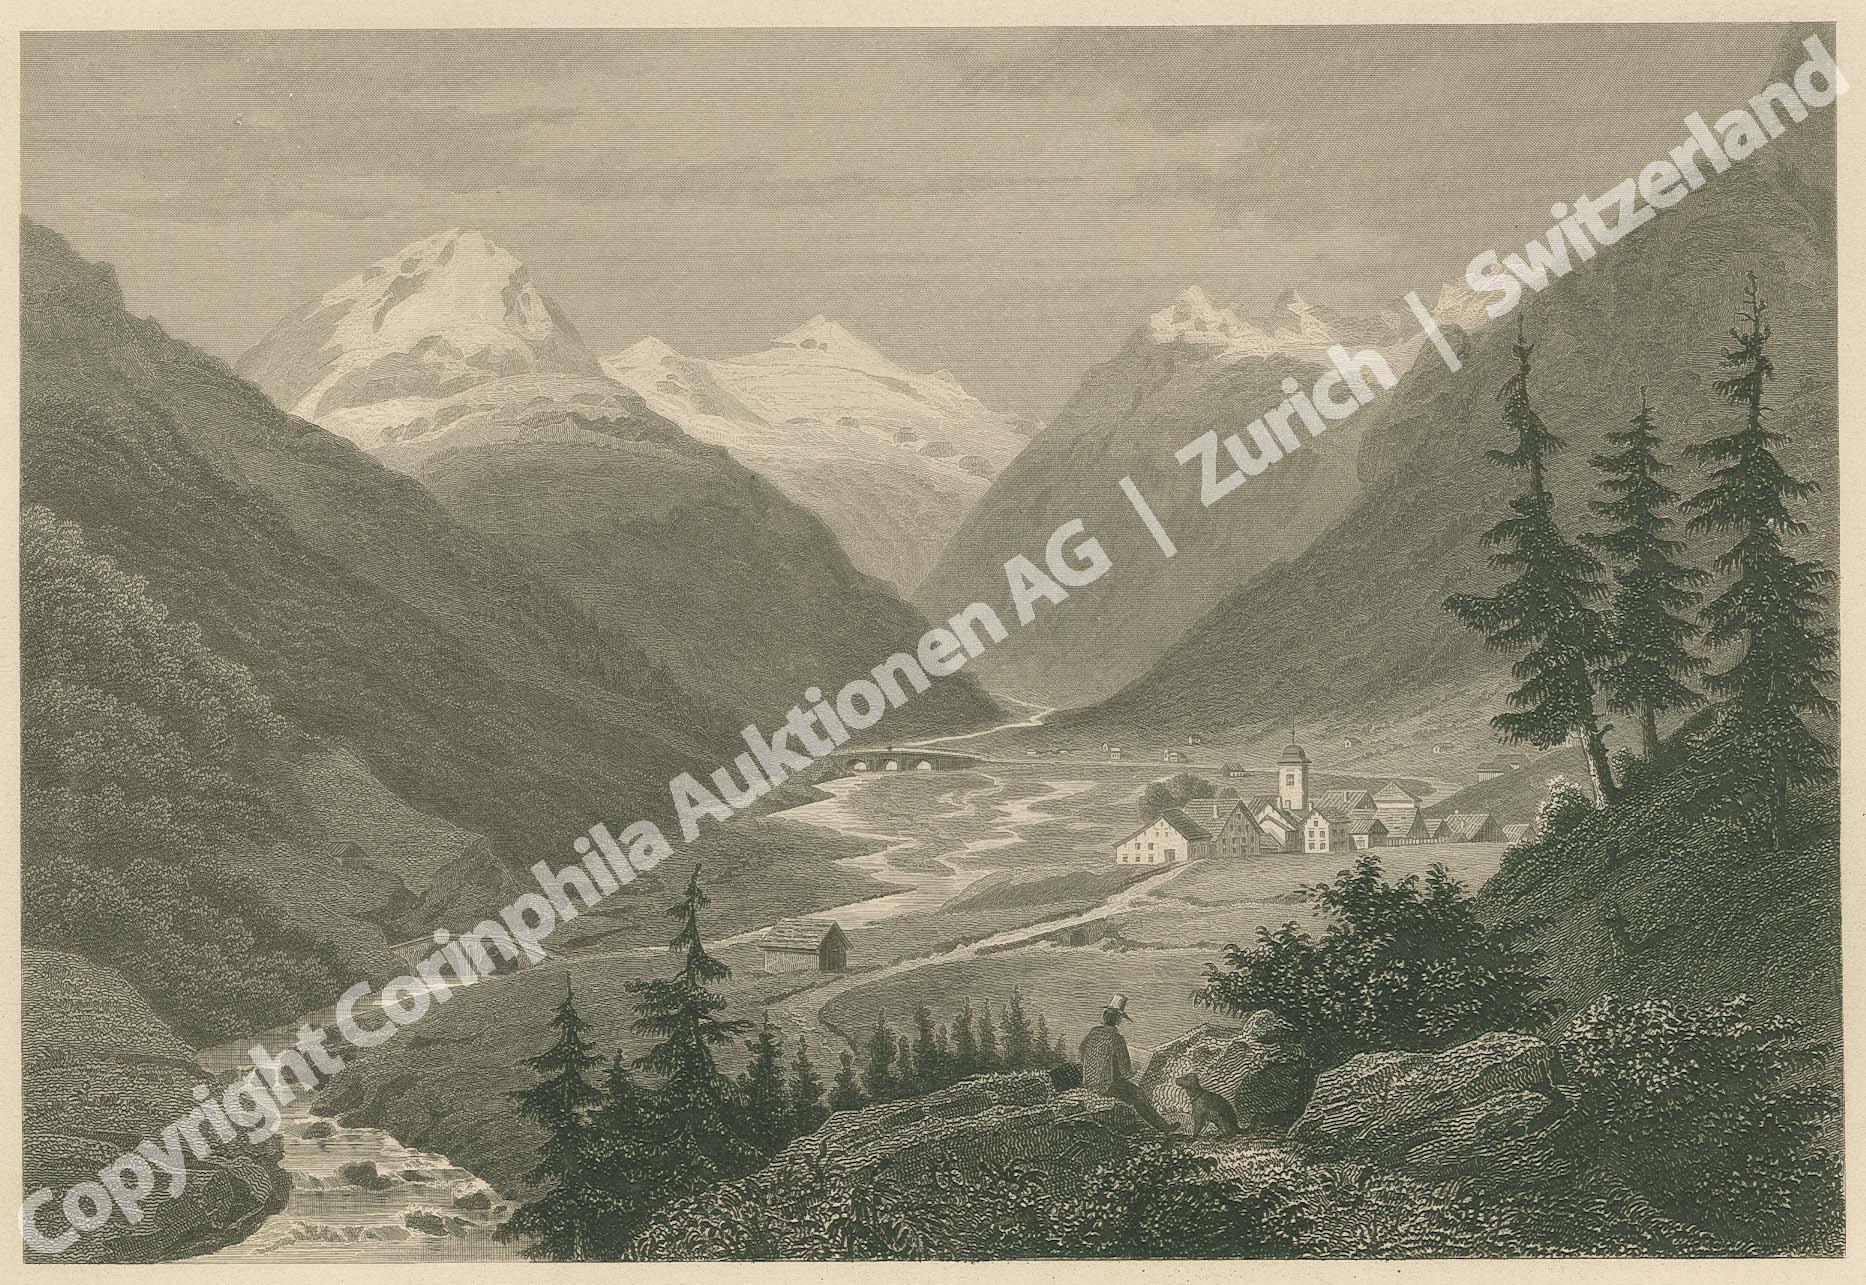 Rheinwald Gletscher